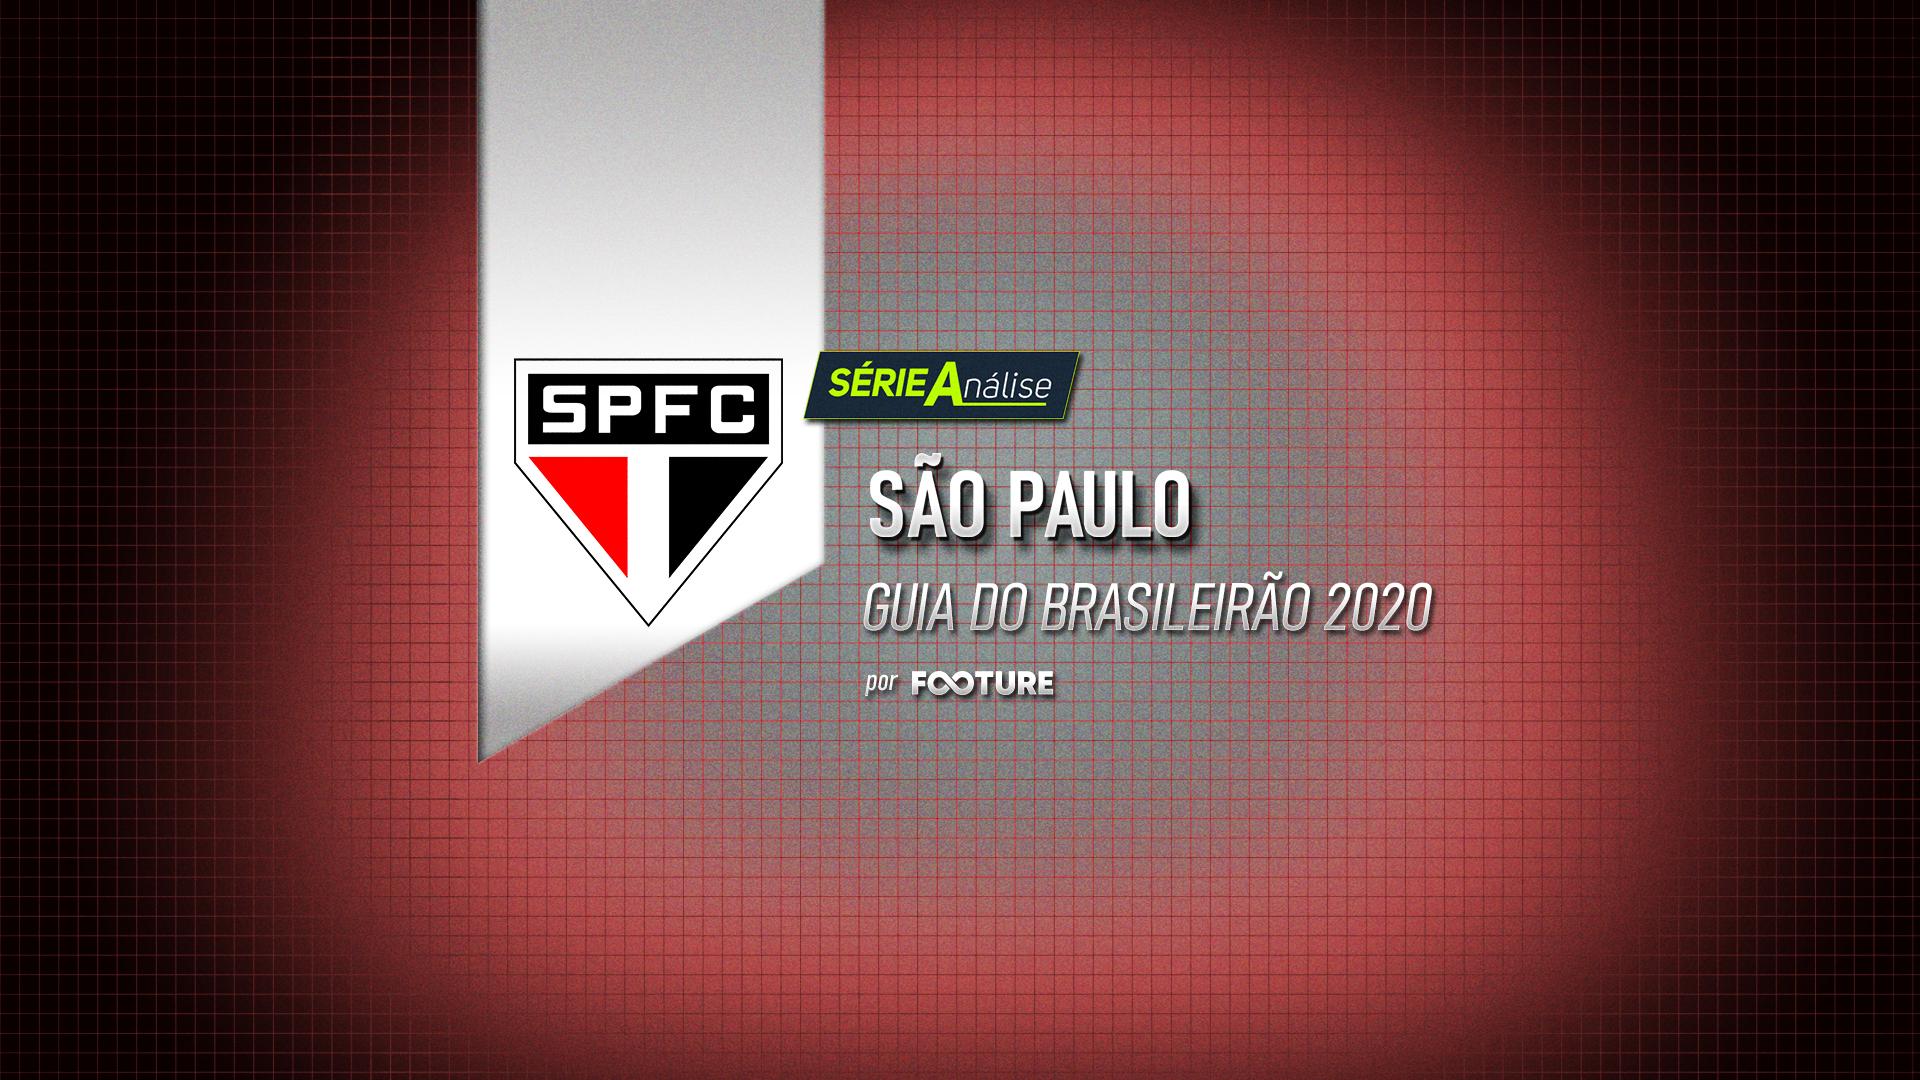 Guia do Brasileirão 2020 – São Paulo